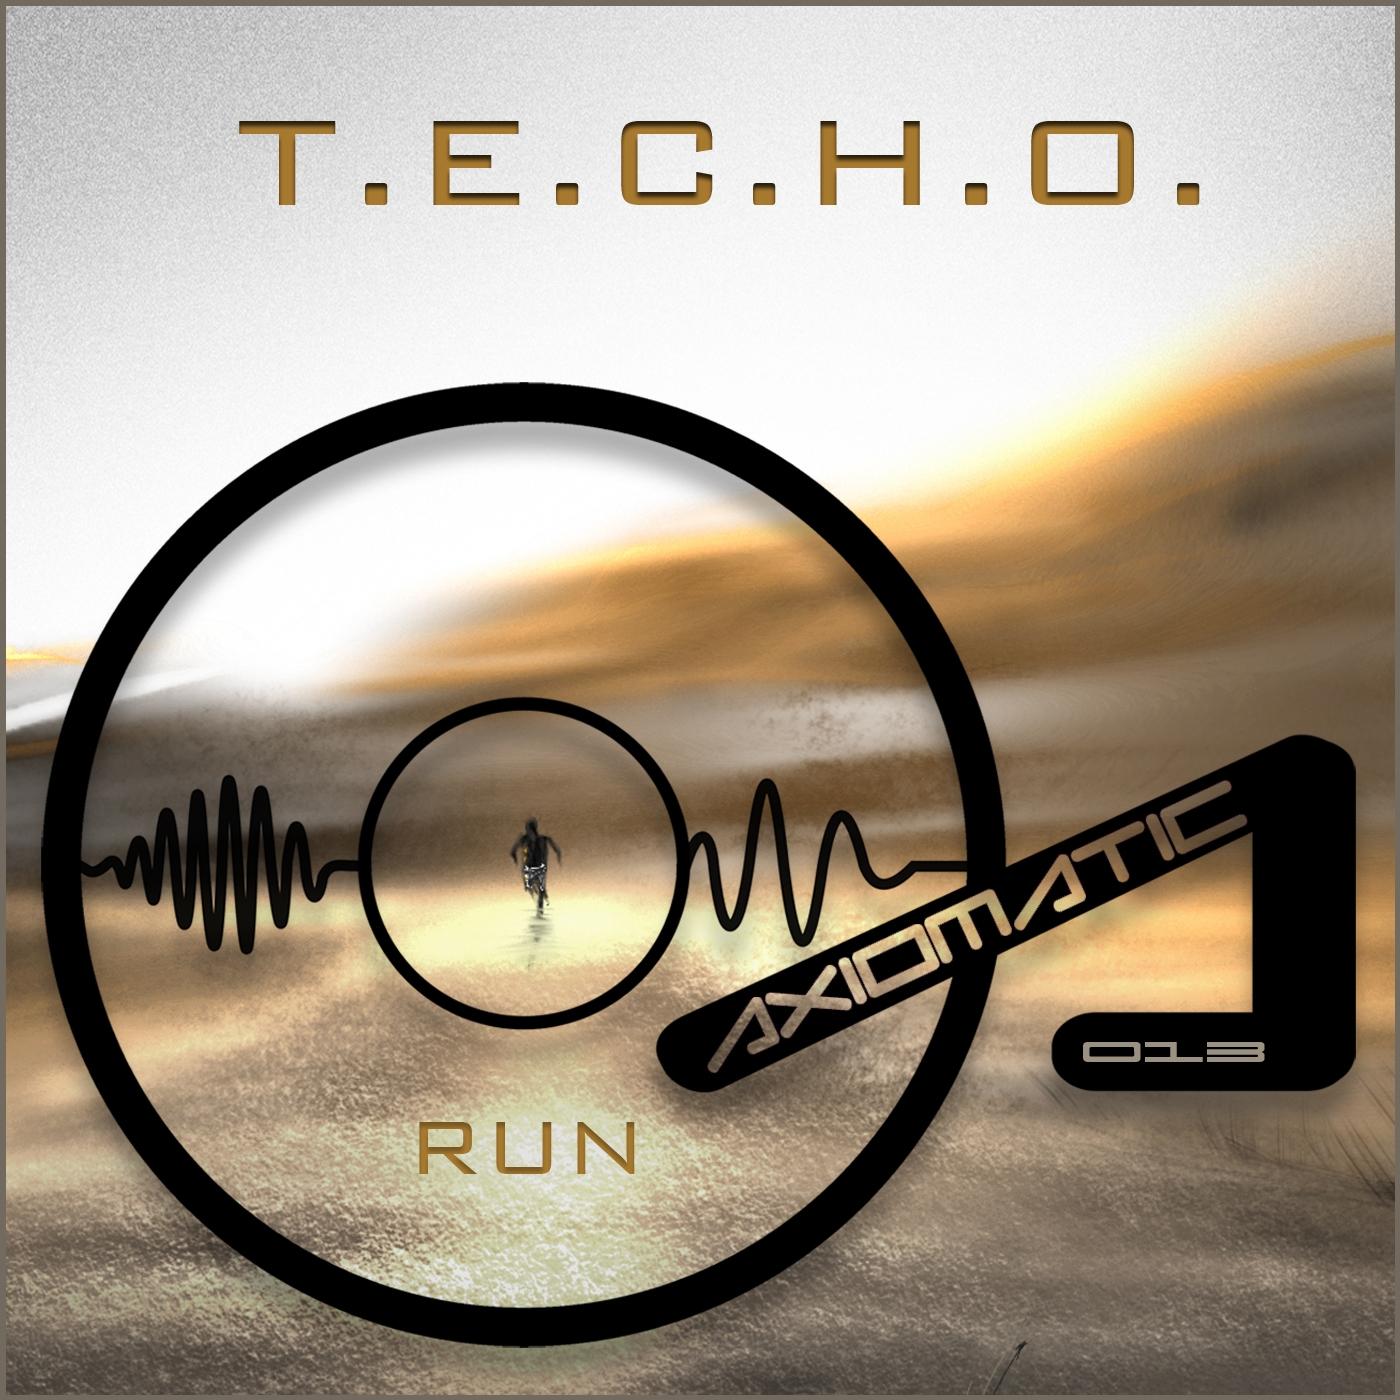 T.E.C.H.O. - Run (Original mix)